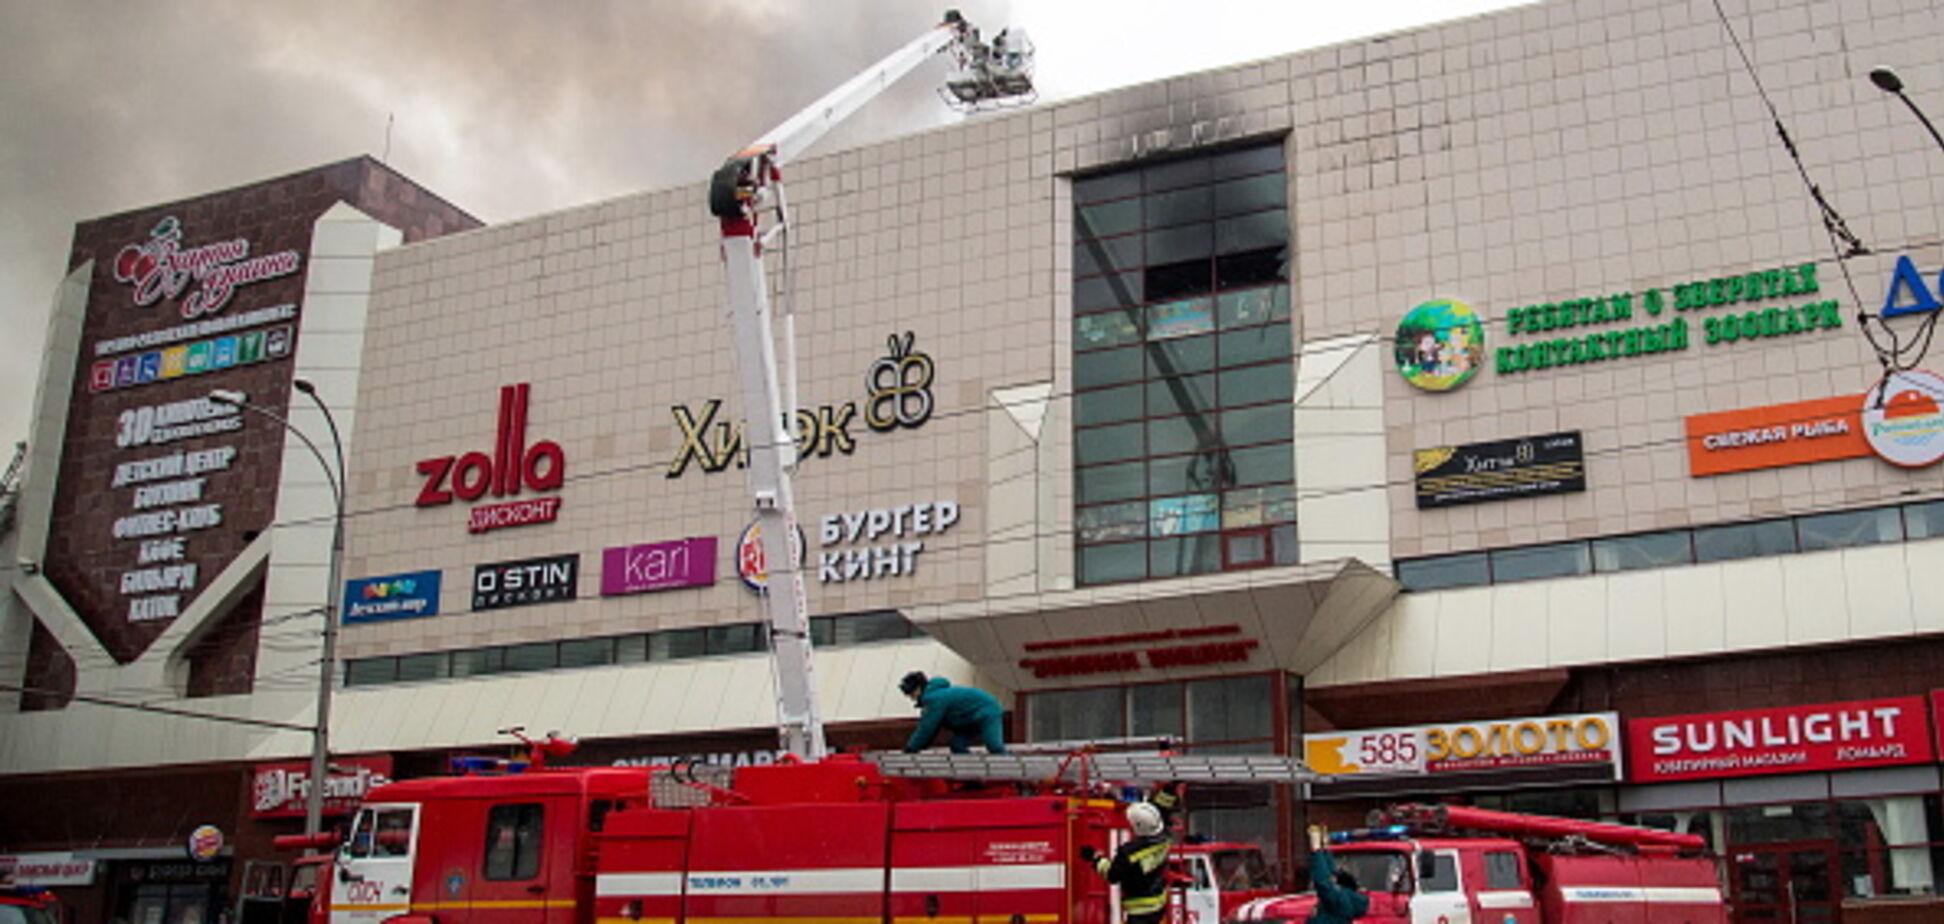 'За все надо платить': пранкер Вольнов указал на знаковый момент в пожаре в Кемерово